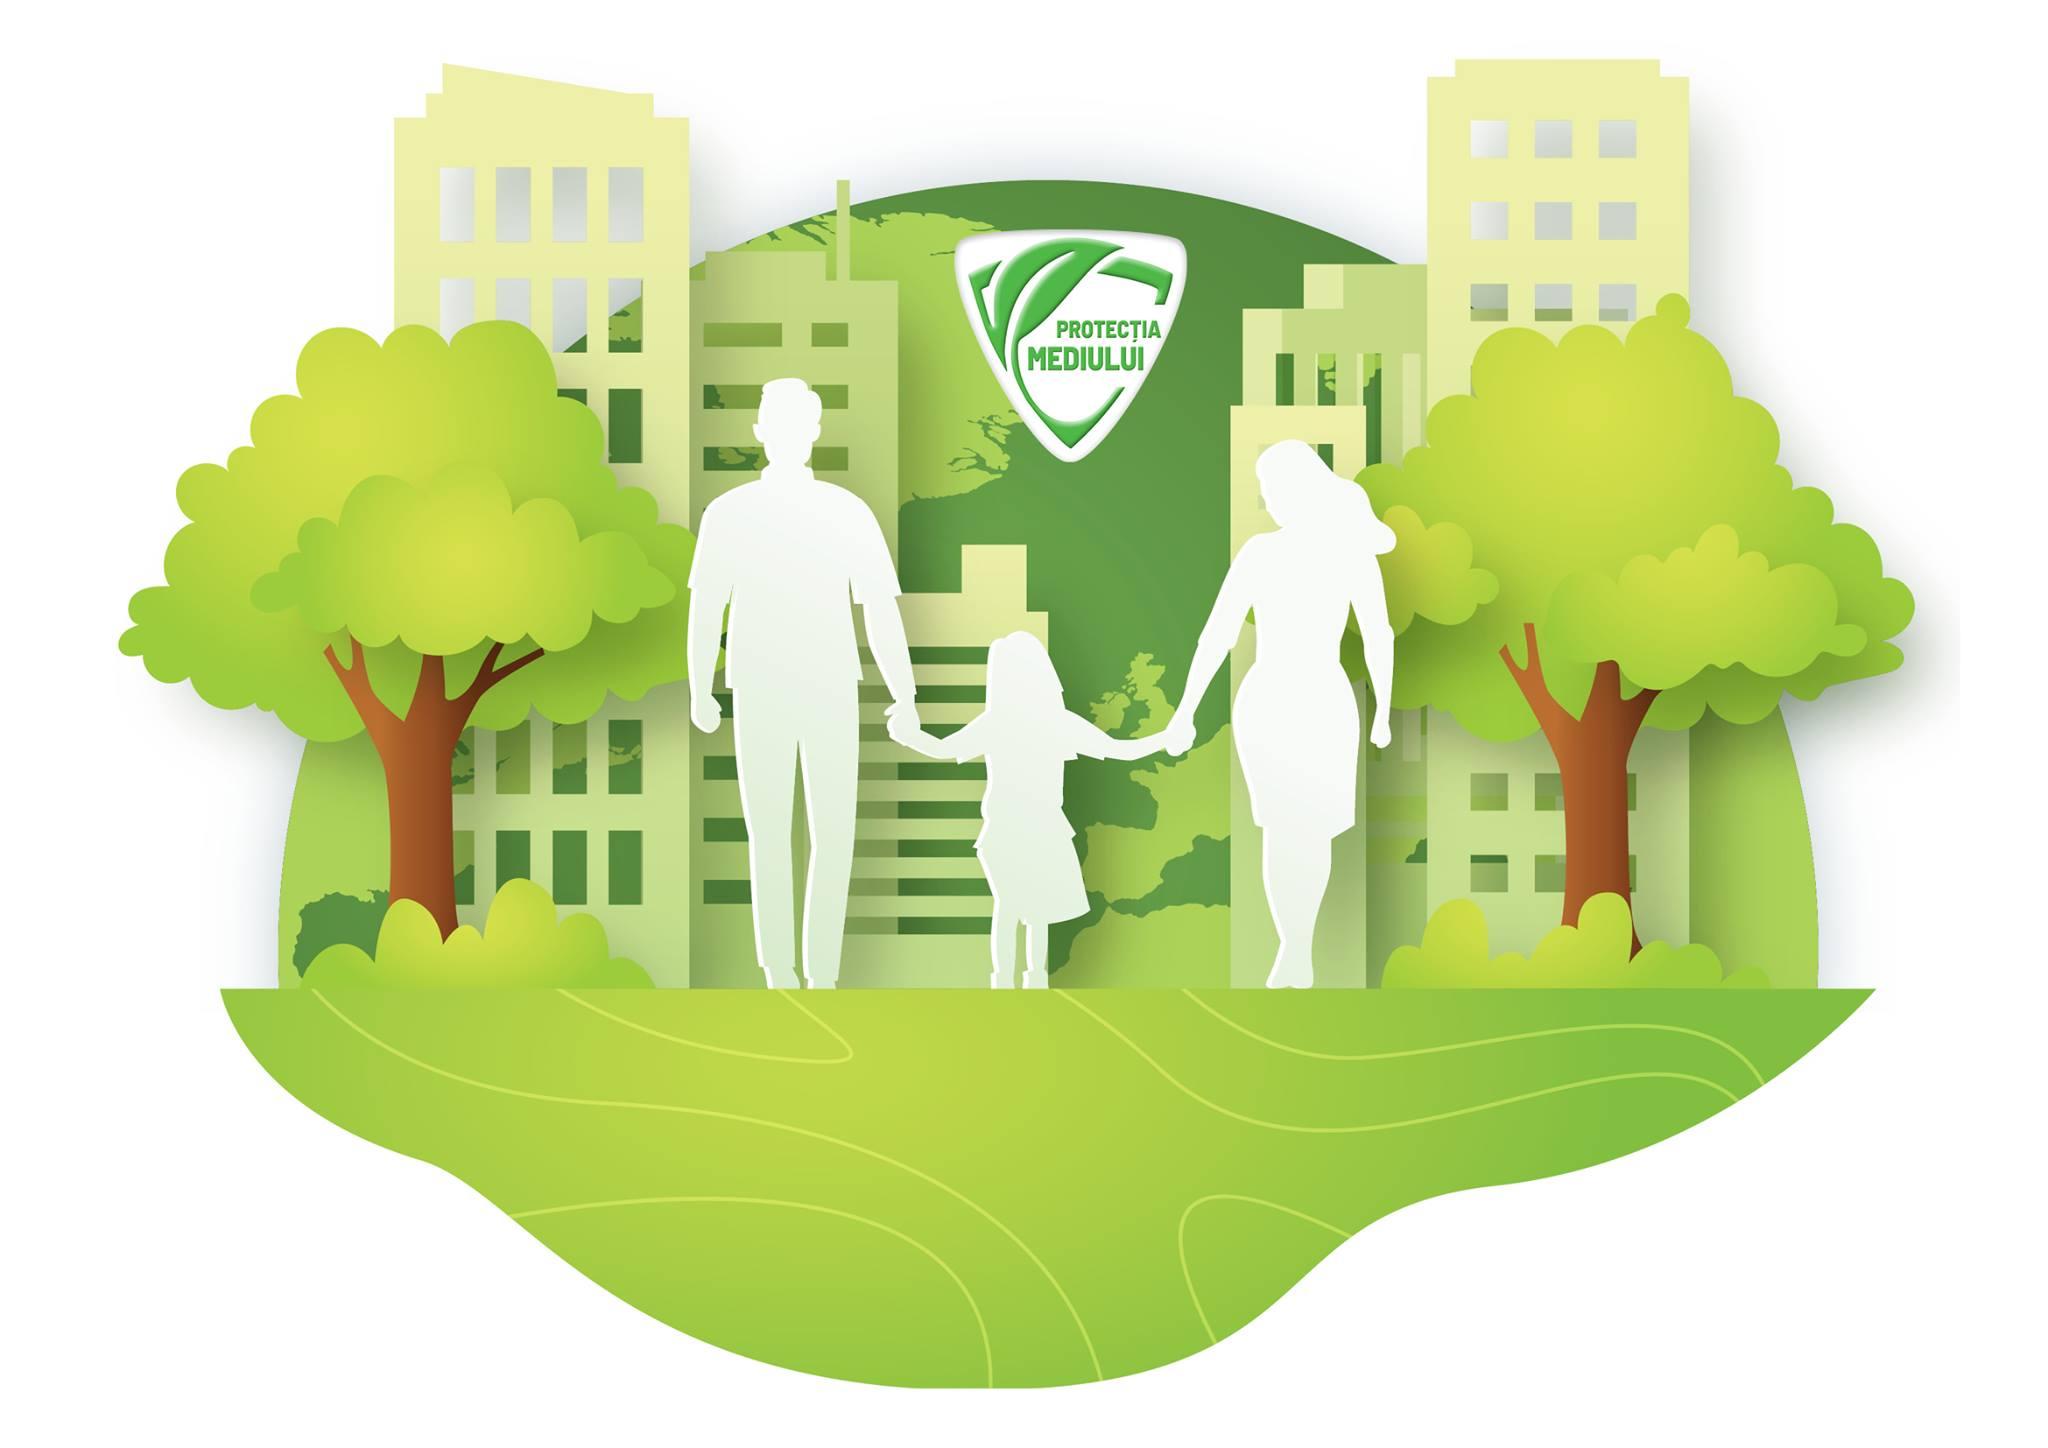 Direcția de Utilități Publice, Salubrizare și Protecția Mediului Sector 1 (DUPSPMS1)